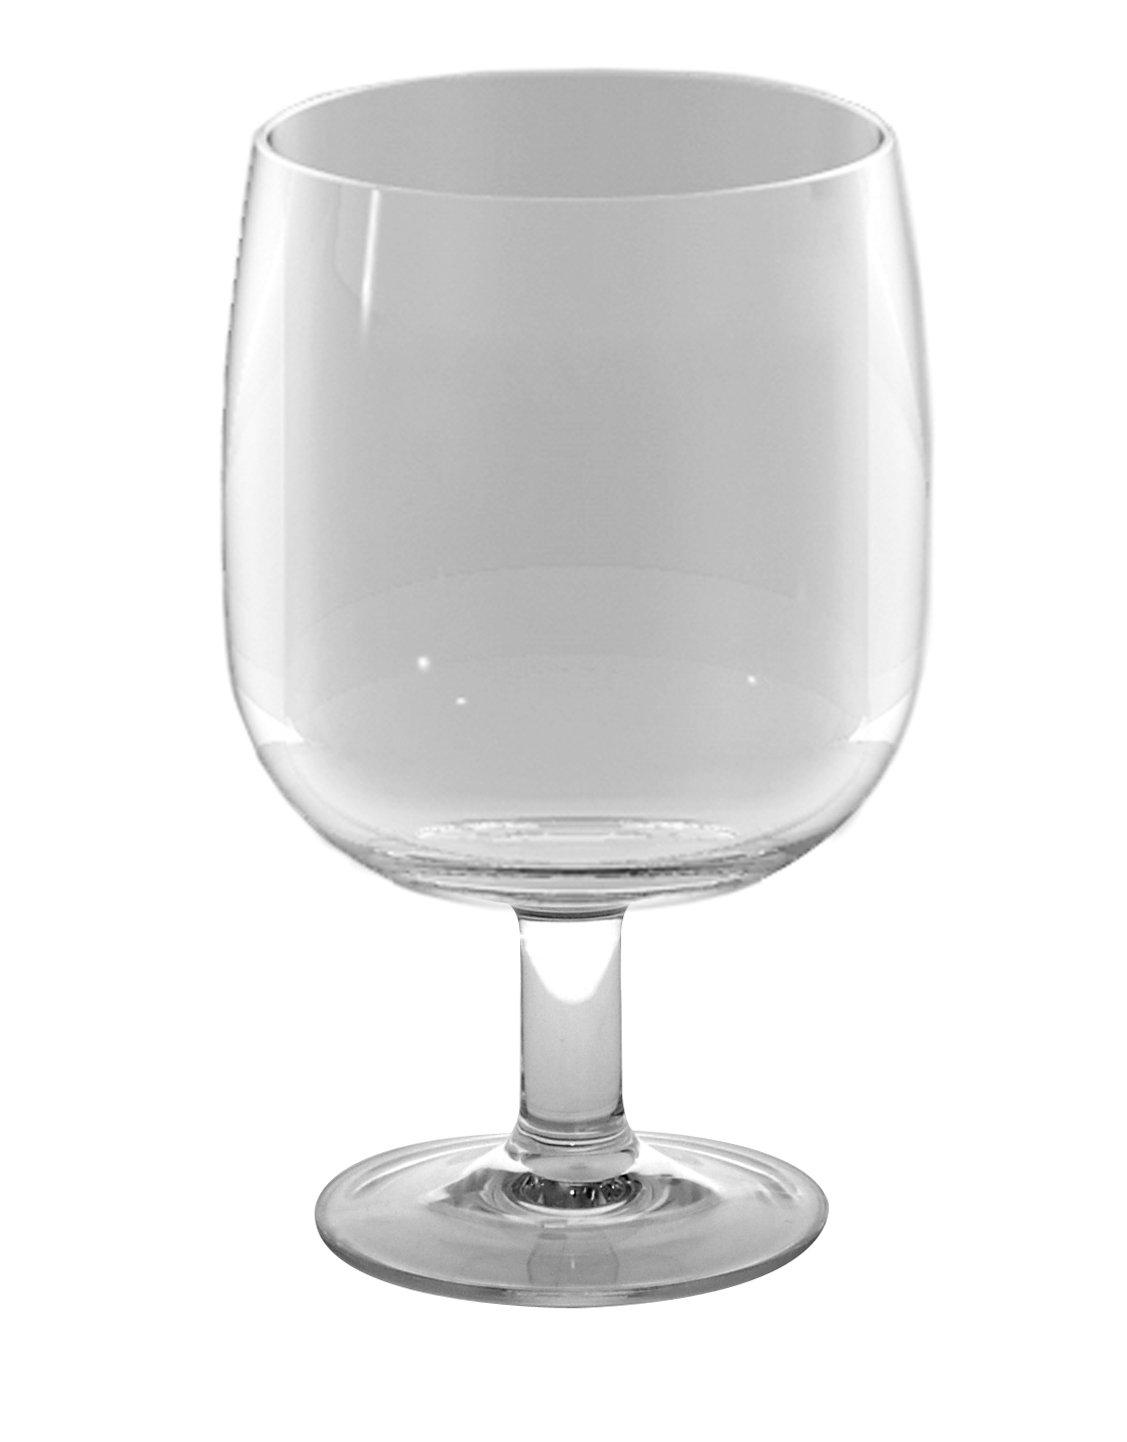 ZAK Designs 1333-600 Stacky - Bicchiere con stelo, 25 cl, colore: Lampone zak!designs